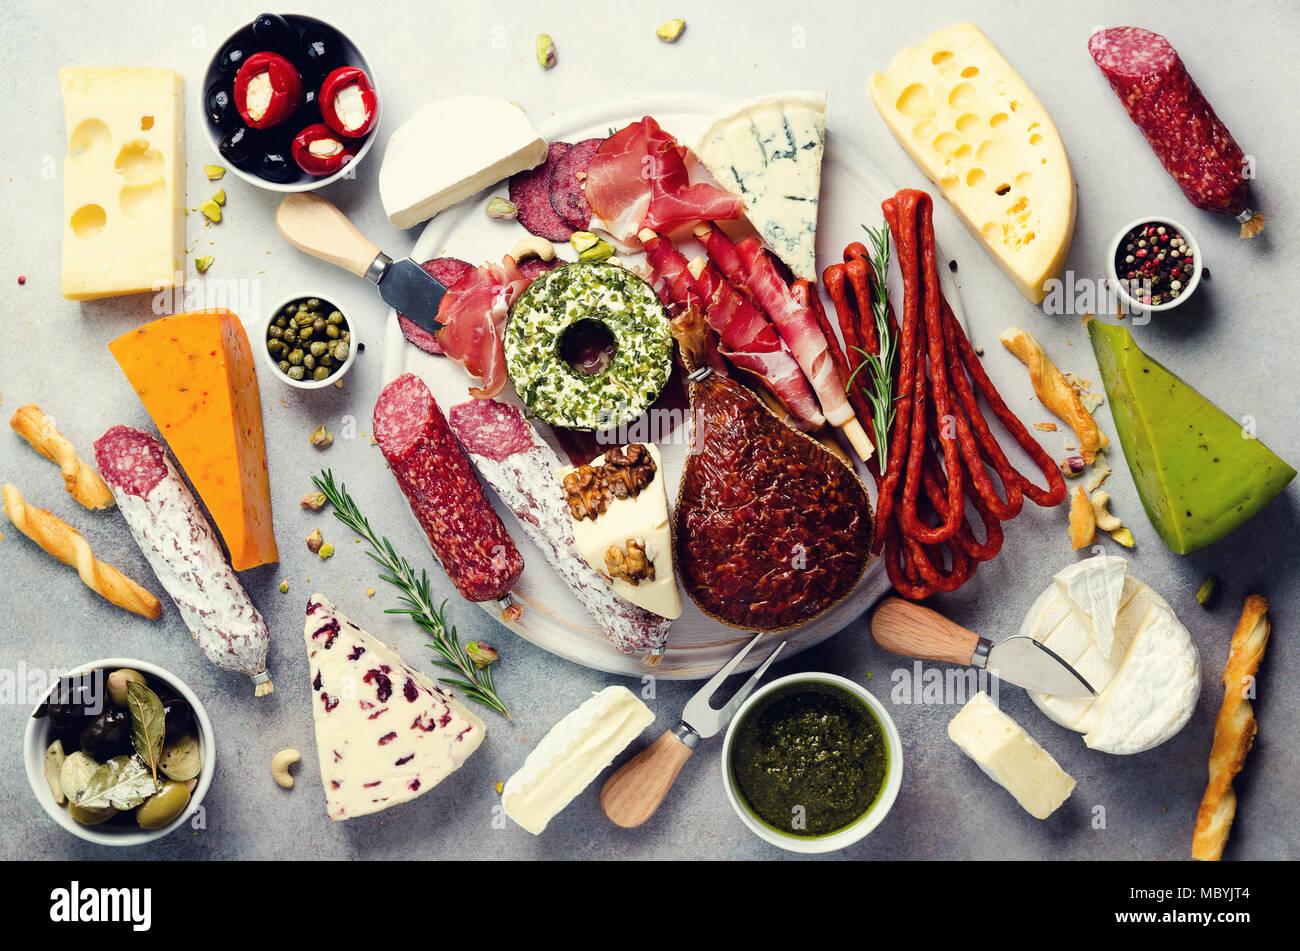 Découper avec la viande fumée à froid, jambon, salami, assortiment de fromages, pain, les câpres, les olives sur fond noir en gris. Viande et fromage apéritif. Vue de dessus, copiez l'espace, mise à plat Photo Stock